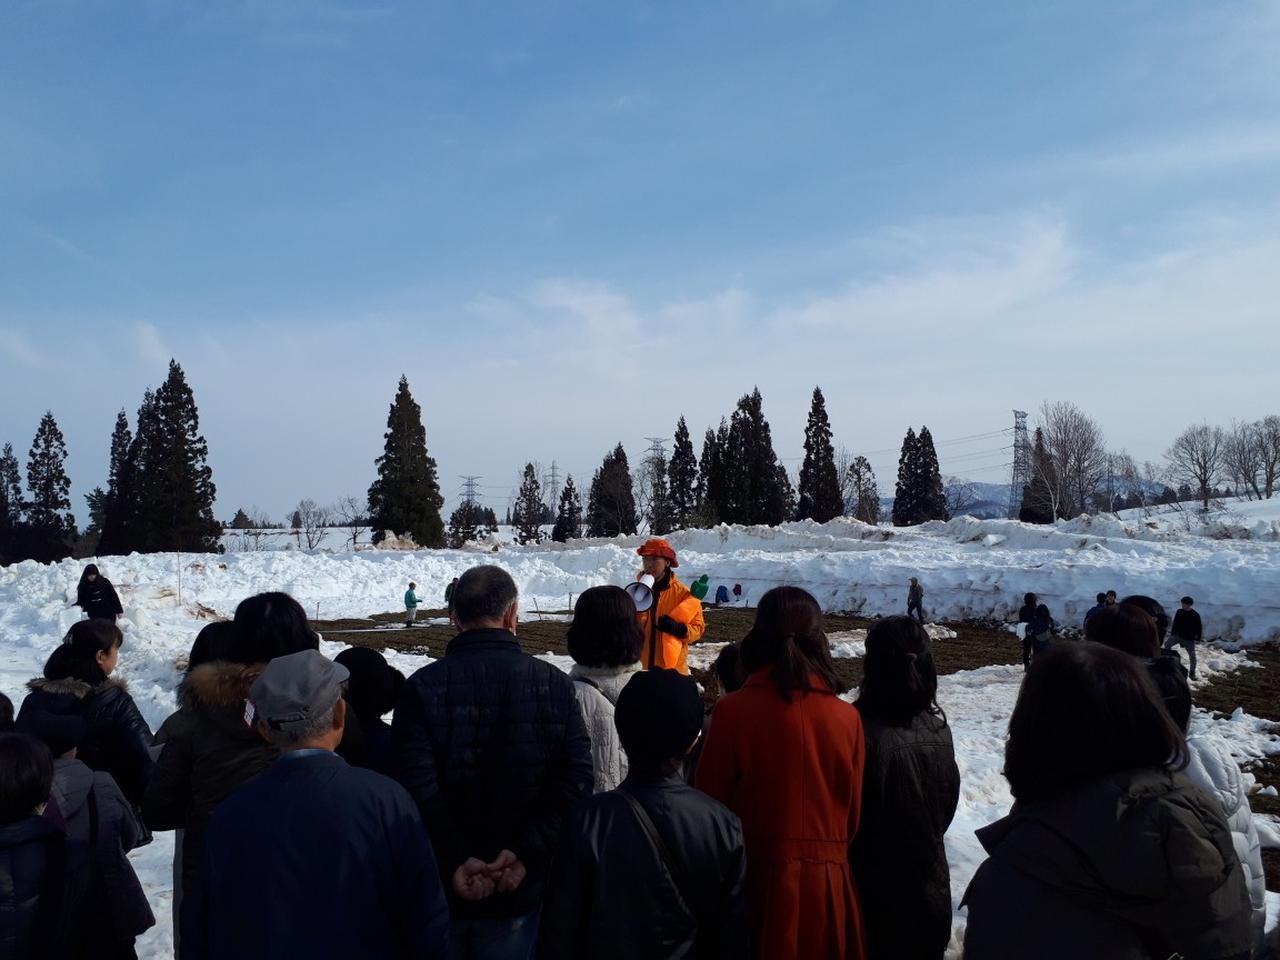 画像: 雪下にんじん堀りの前のご説明の様子